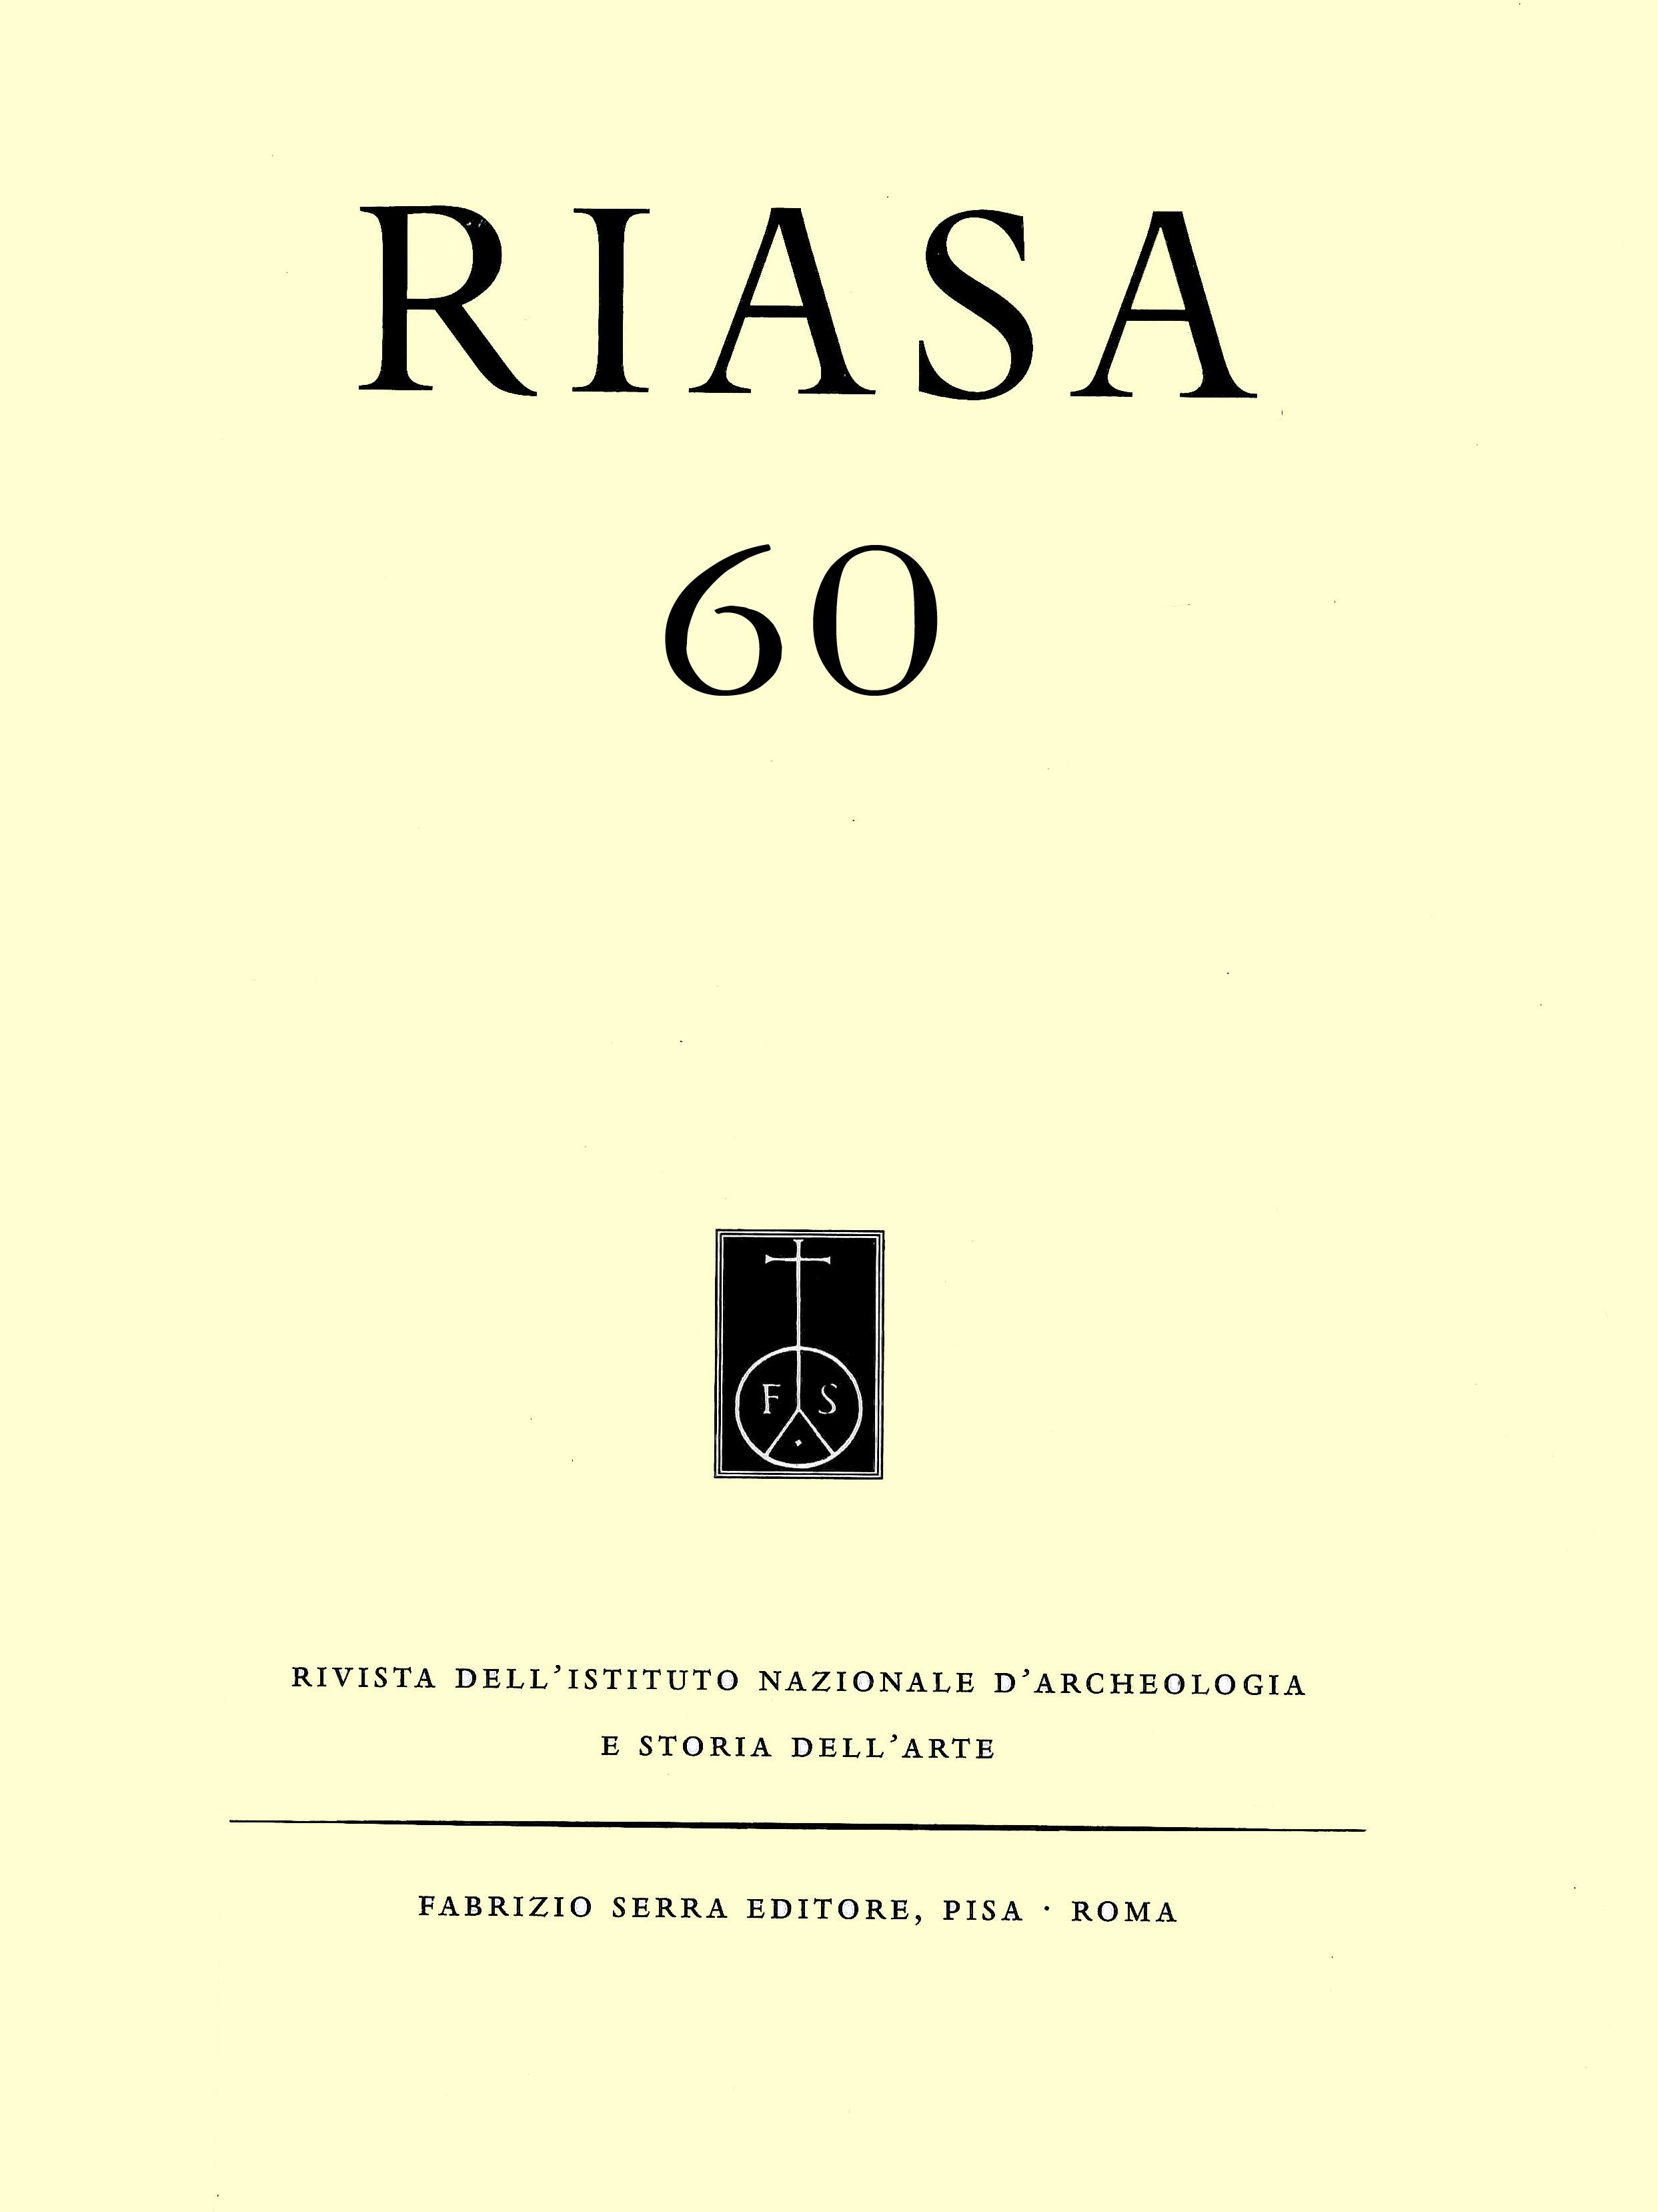 RIASA 60